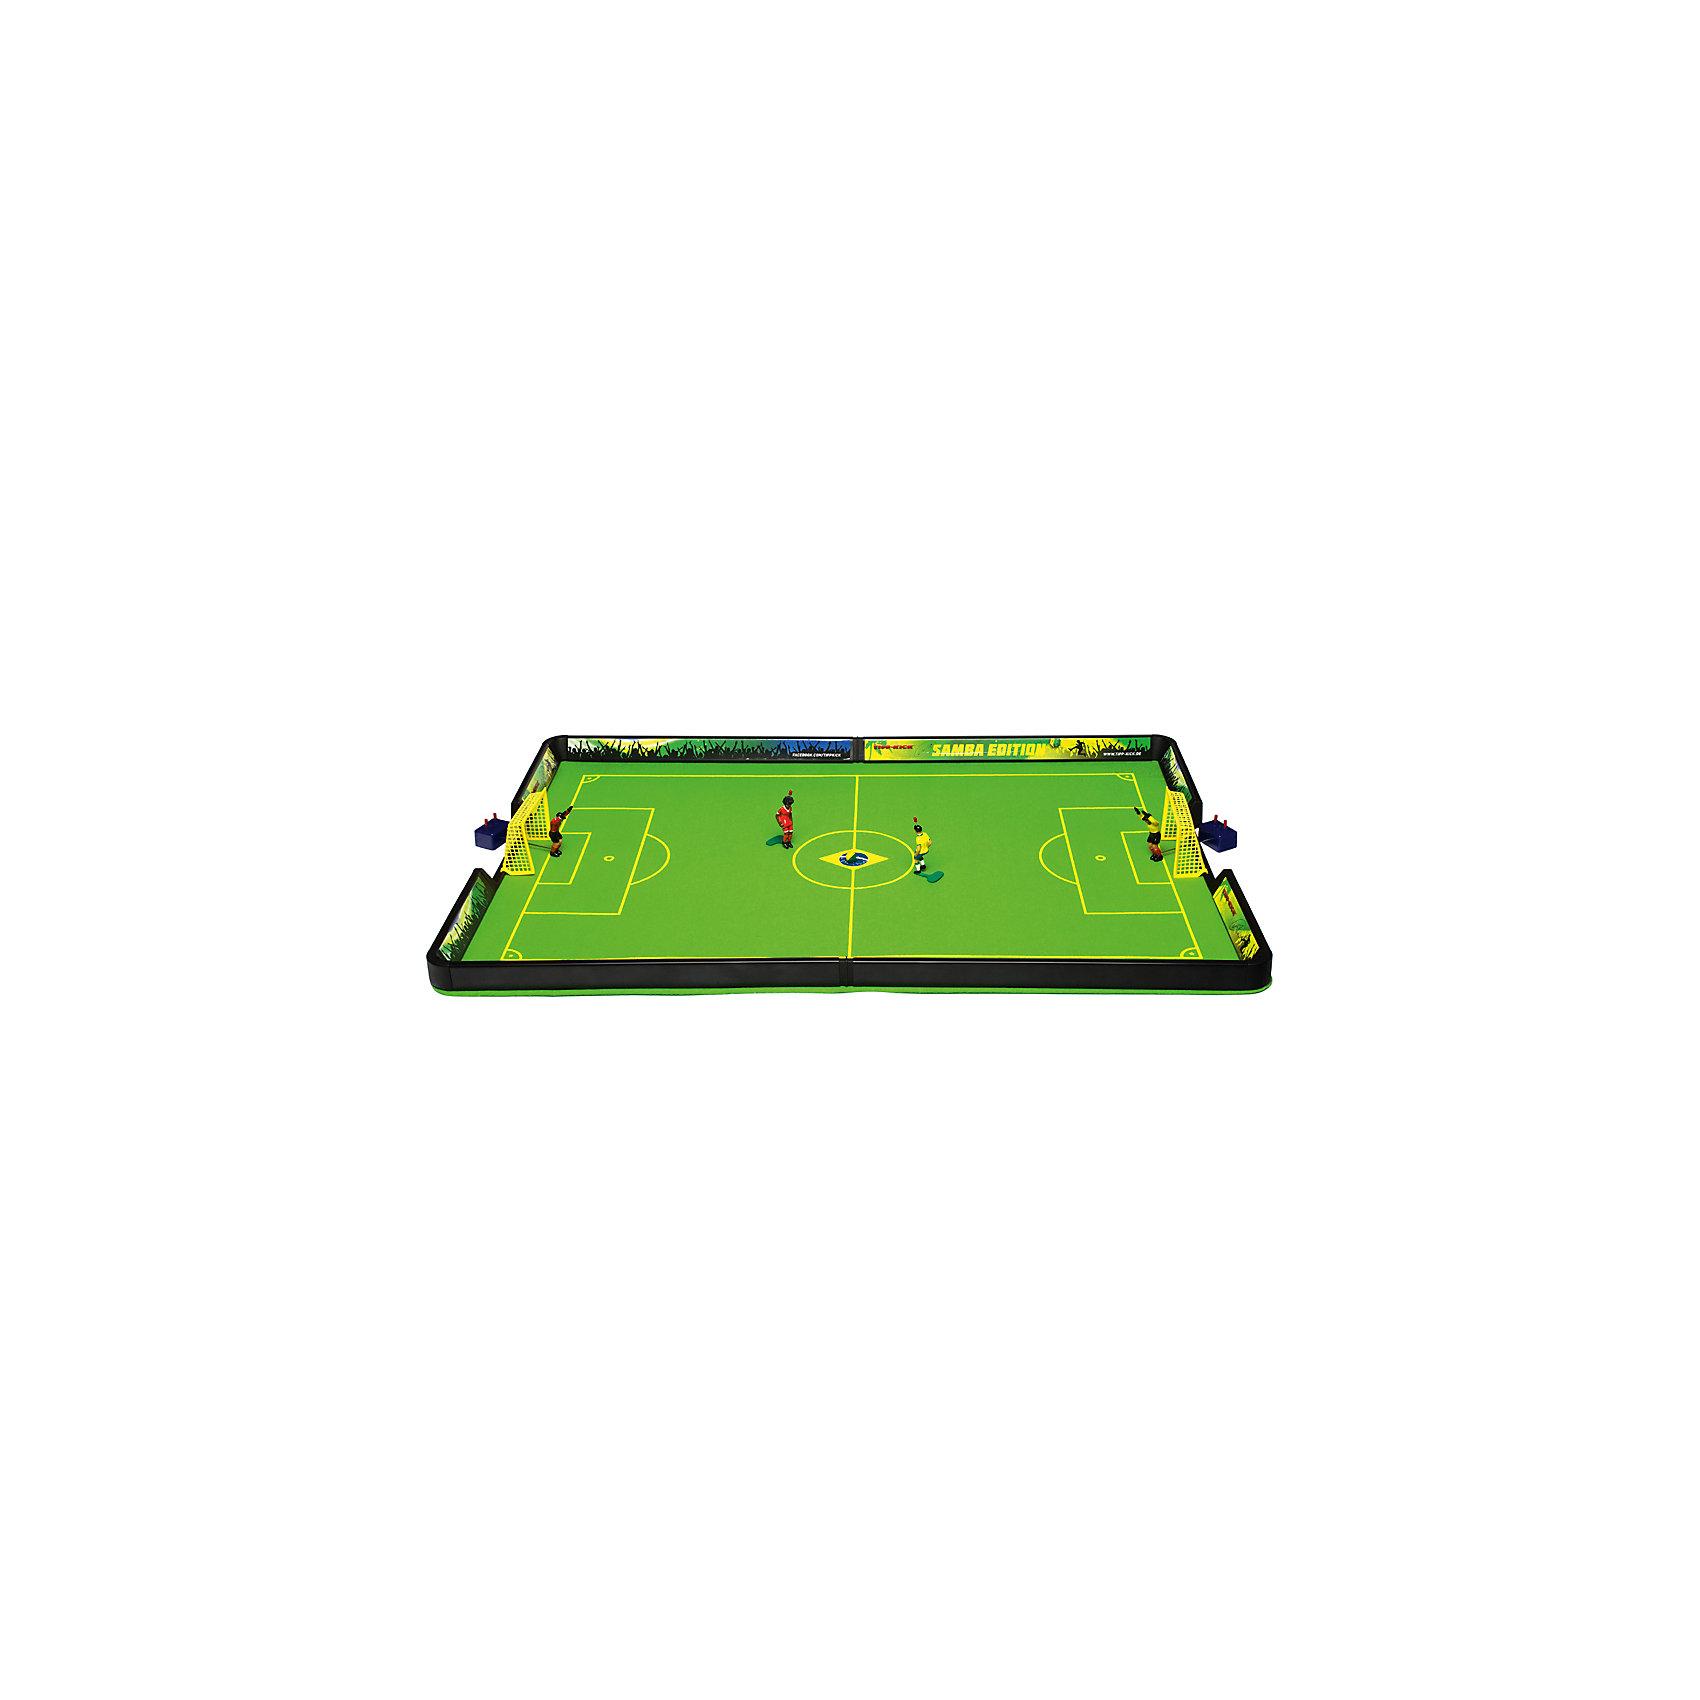 Футбол настольный Самба 71 х 44см, TIPP-KICKФутбол настольный Самба 71 х 44см, TIPP-KICK - игра станет отличным подарком не только ребенку, но и взрослому, любящему спортивные игры.<br>Футбол настольный TIPP-KICK Самба выполнен в виде футбольного поля с Бразильской символикой и рекламными бордюрами. На футбольном войлочном поле зеленого цвета легко устанавливаются пластиковые ворота с натянутой сеткой. Ловкий вратарь оснащенный специальным механизмом, позволяющим фигурке двигаться из положения стоя в положение лежа, вправо, влево, отразит любую атаку противника на ворота, которую смогут организовать игроки в Ваших ловких руках. Вратари и игроки раскрашены в цвет своей команды. Перед началом игры каждый участник выбирает себе один из двух цветов, в которые окрашен мяч. В течение матча по этим цветам будет определяться, кто должен наносить удар по мячу. Например, если мяч лежит белой стороной вверх – бьет игрок, выбравший белый цвет; если мяч лежит черной стороной вверх – бьет игрок, выбравший черный цвет. В перерыве матча игроки меняются сторонами поля и цветами мяча. Удары по мячу наносят, нажимая на кнопку на голове полевого игрока. Победителем объявляется игрок, забивший больше голов, чем соперник. Игра развивает ловкость, быстроту реакции, стремление к победе и соревновательные навыки.<br><br>Дополнительная информация:<br><br>- В наборе: футбольное поле (разметка 71х44 см); 2 ворот; 2 вратаря на специальных механизмах, 2 игрока с встроенным механизмом; 2 двухцветных ребристых мяча; правила игры (на русском языке)<br>- Материал: пластик<br>- Упаковка: красочная картонная коробка<br>- Размер упаковки: 61х33х9 см.<br>- Вес: 1,2 кг.<br><br>Футбол настольный Самба 71 х 44см, TIPP-KICK можно купить в нашем интернет-магазине.<br><br>Ширина мм: 603<br>Глубина мм: 211<br>Высота мм: 317<br>Вес г: 1118<br>Возраст от месяцев: 36<br>Возраст до месяцев: 96<br>Пол: Мужской<br>Возраст: Детский<br>SKU: 3481413